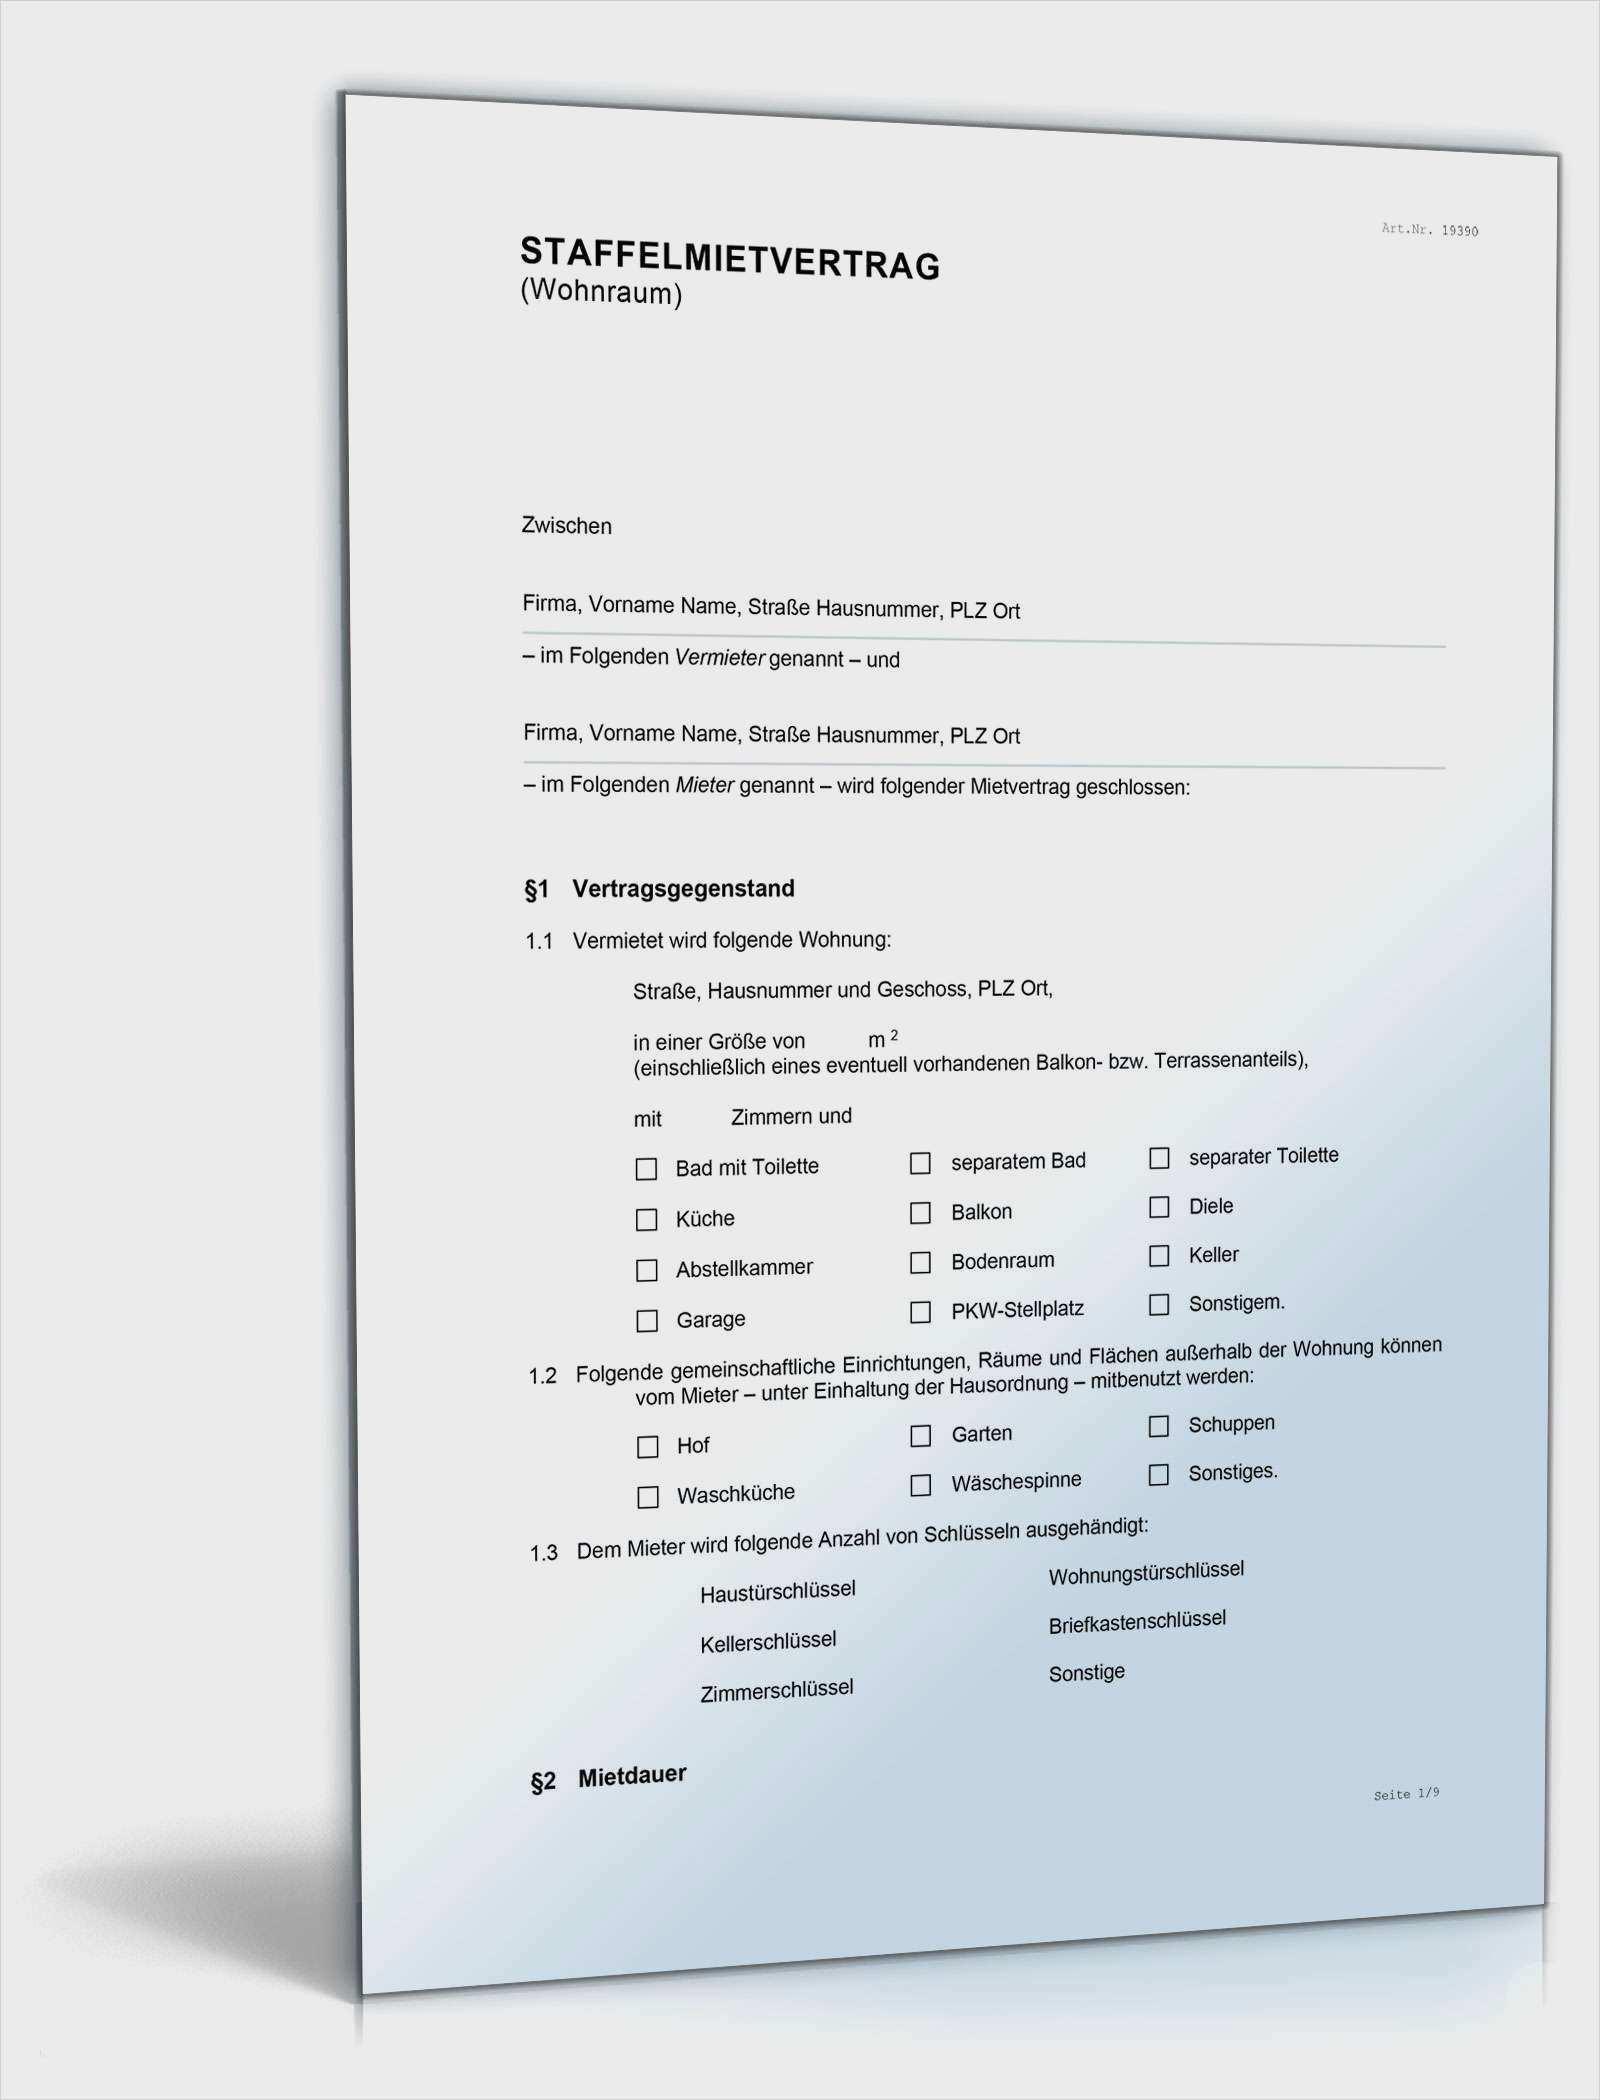 26 Wunderbar Praktikumszeugnis Vorlage Zum Ankreuzen Nobel Ebendiese Konnen Anpassen Fur Ihre Vorlagen Word Vorlagen Microsoft Word